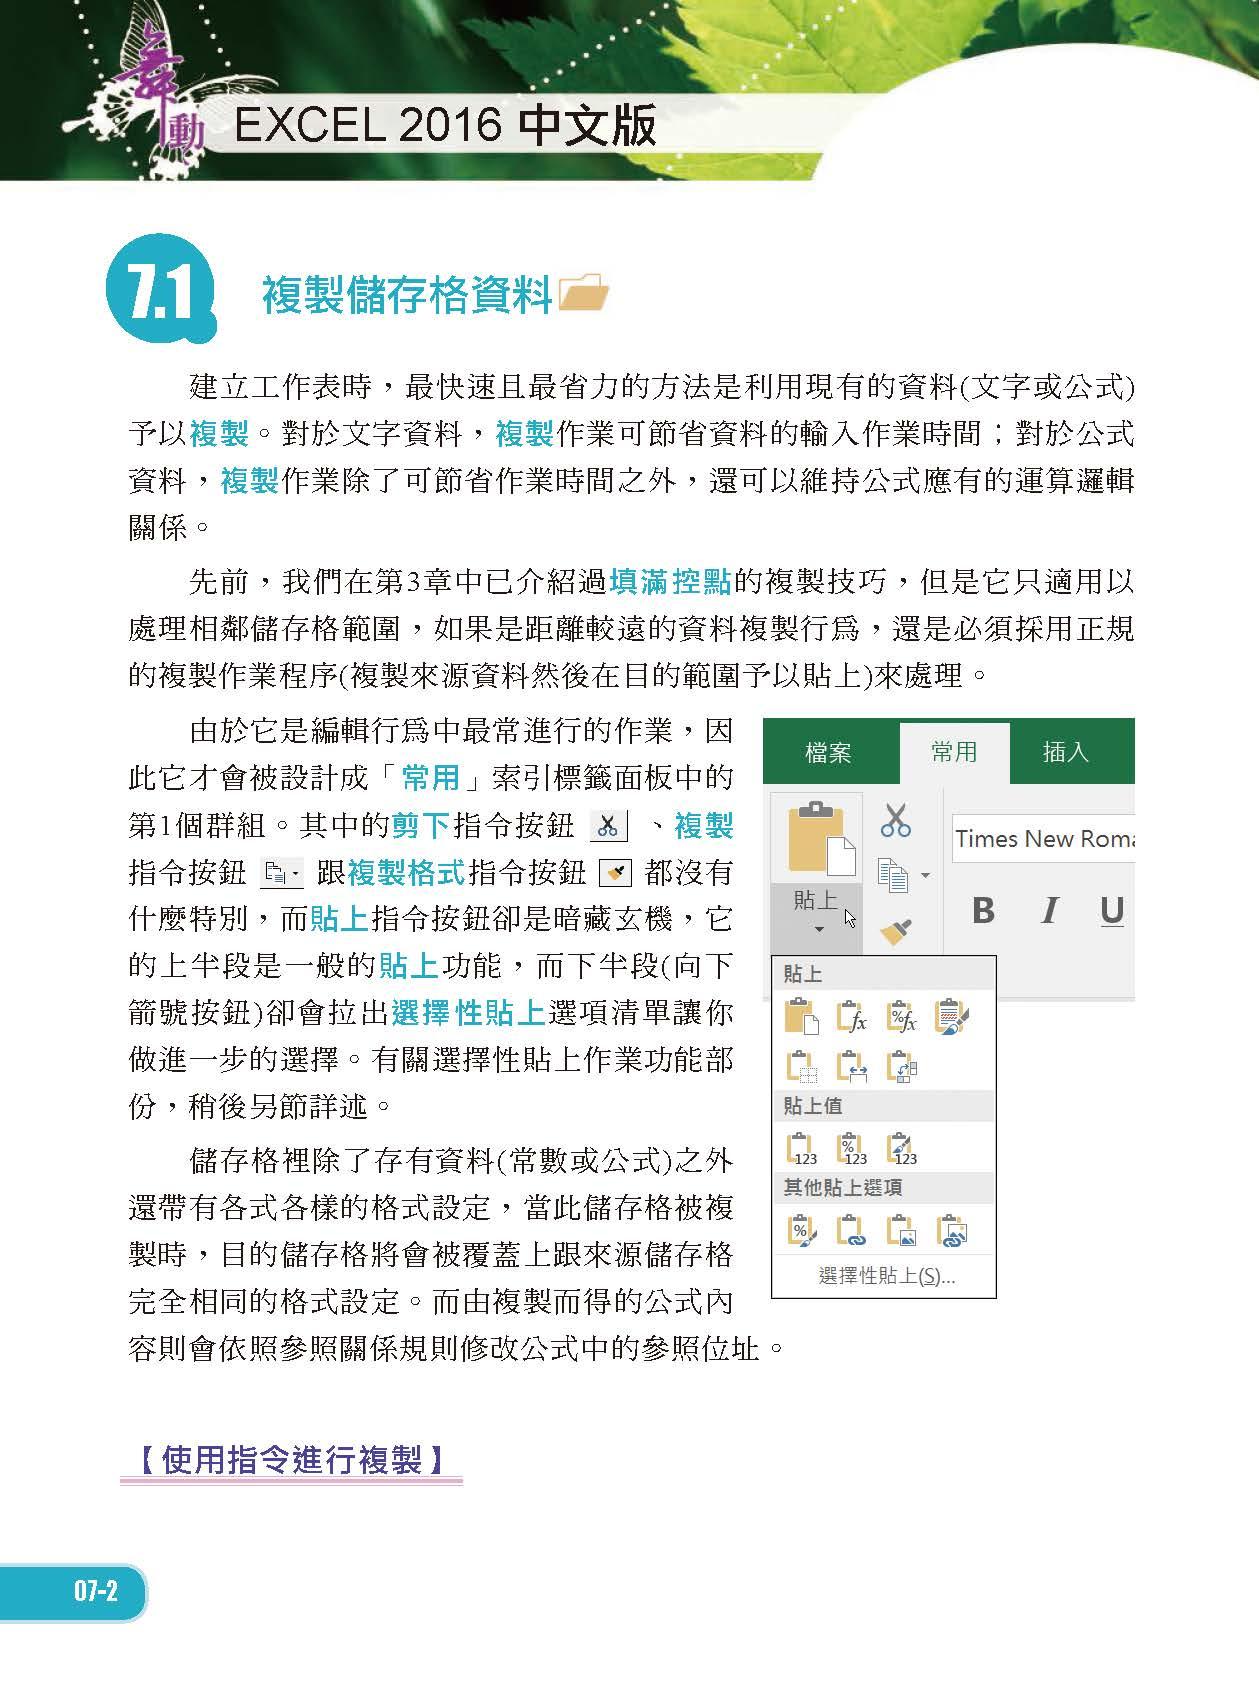 ◤博客來BOOKS◢ 暢銷書榜《推薦》舞動 Excel 2016 中文版(附綠色範例檔)